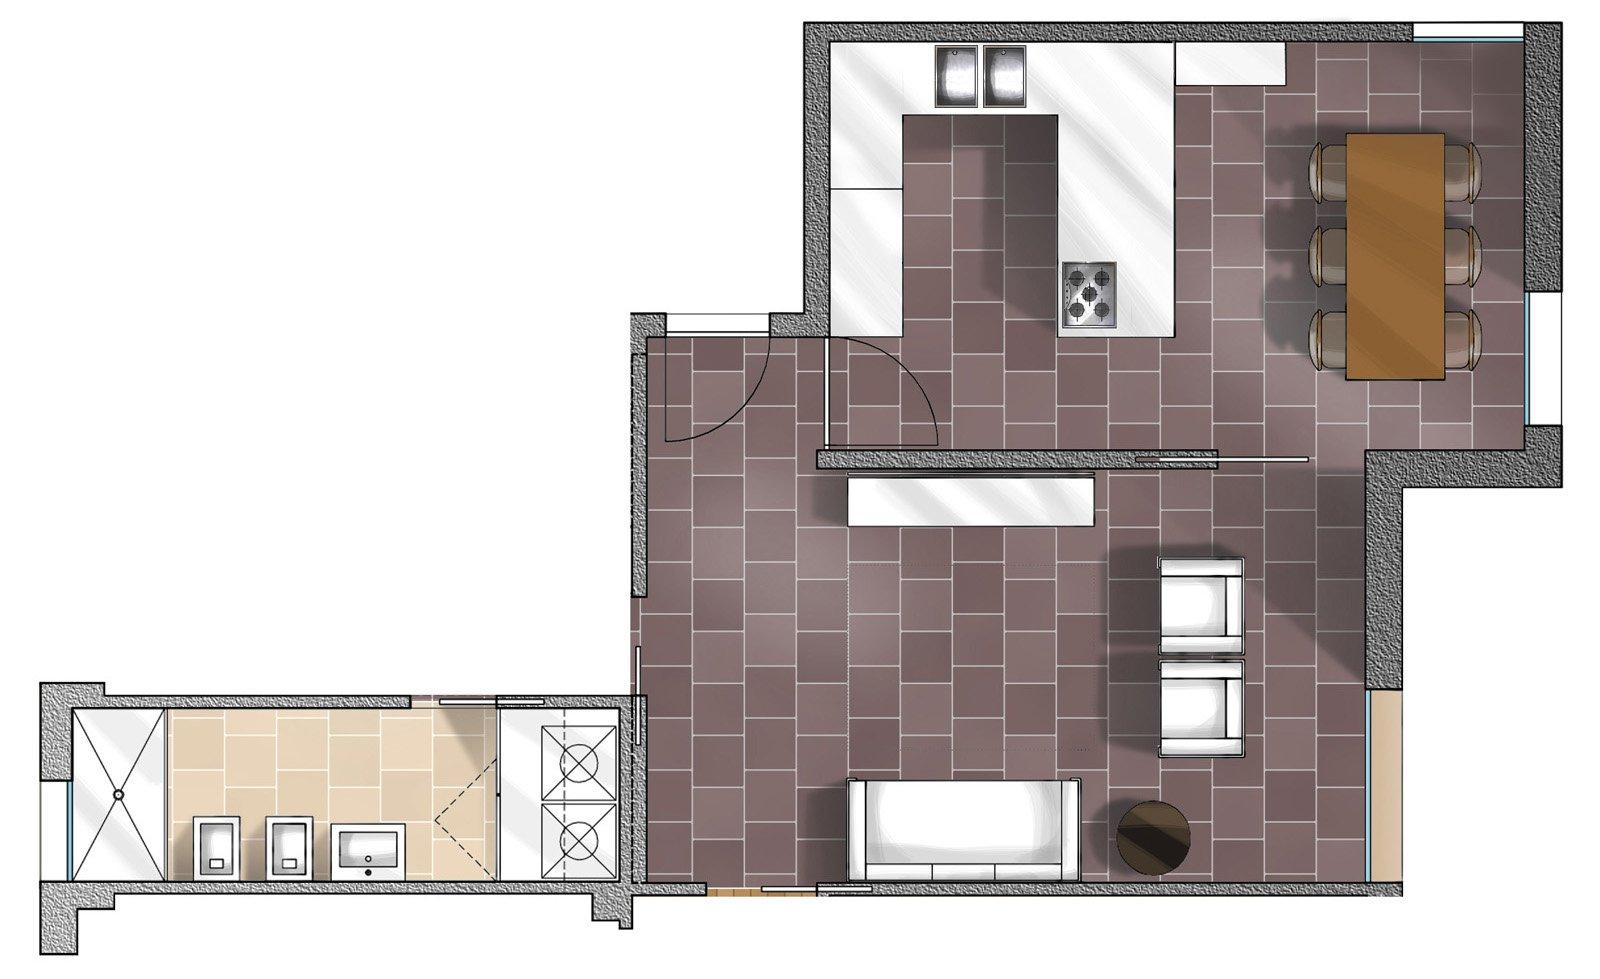 Idee da copiare per migliorare la casa cose di casa for Arredamento idee da copiare